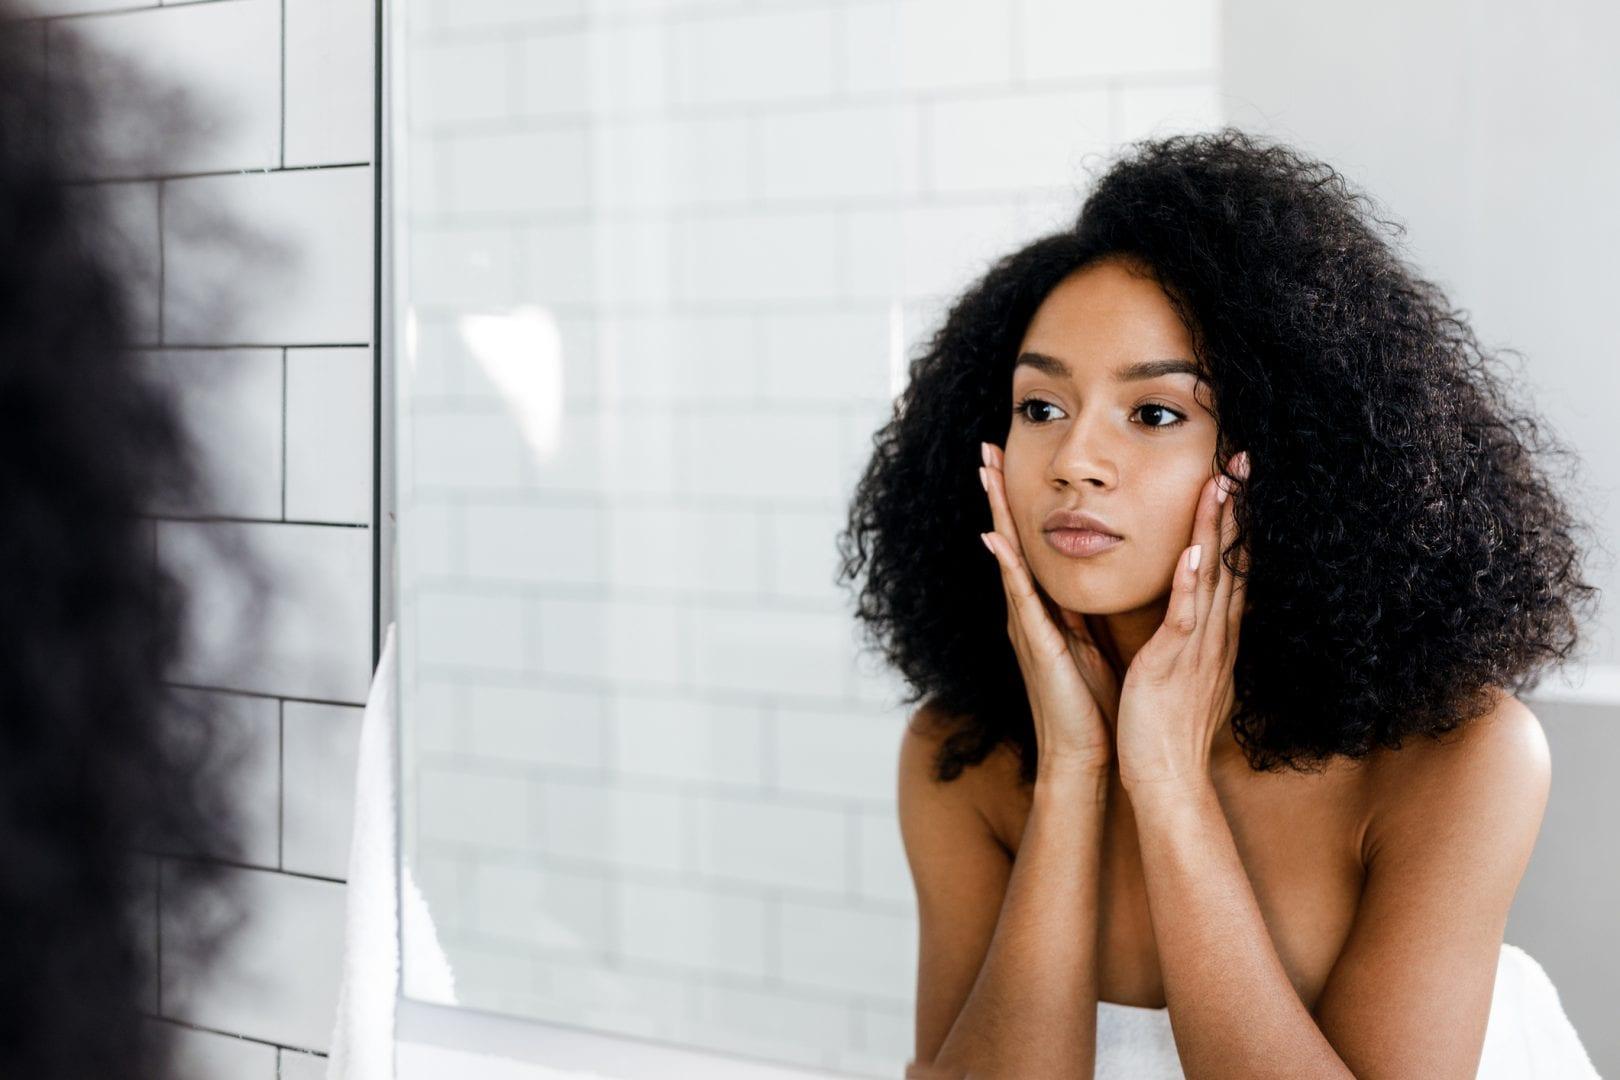 Hidratantes faciais para pele oleosa - Os 5 melhores do mercado